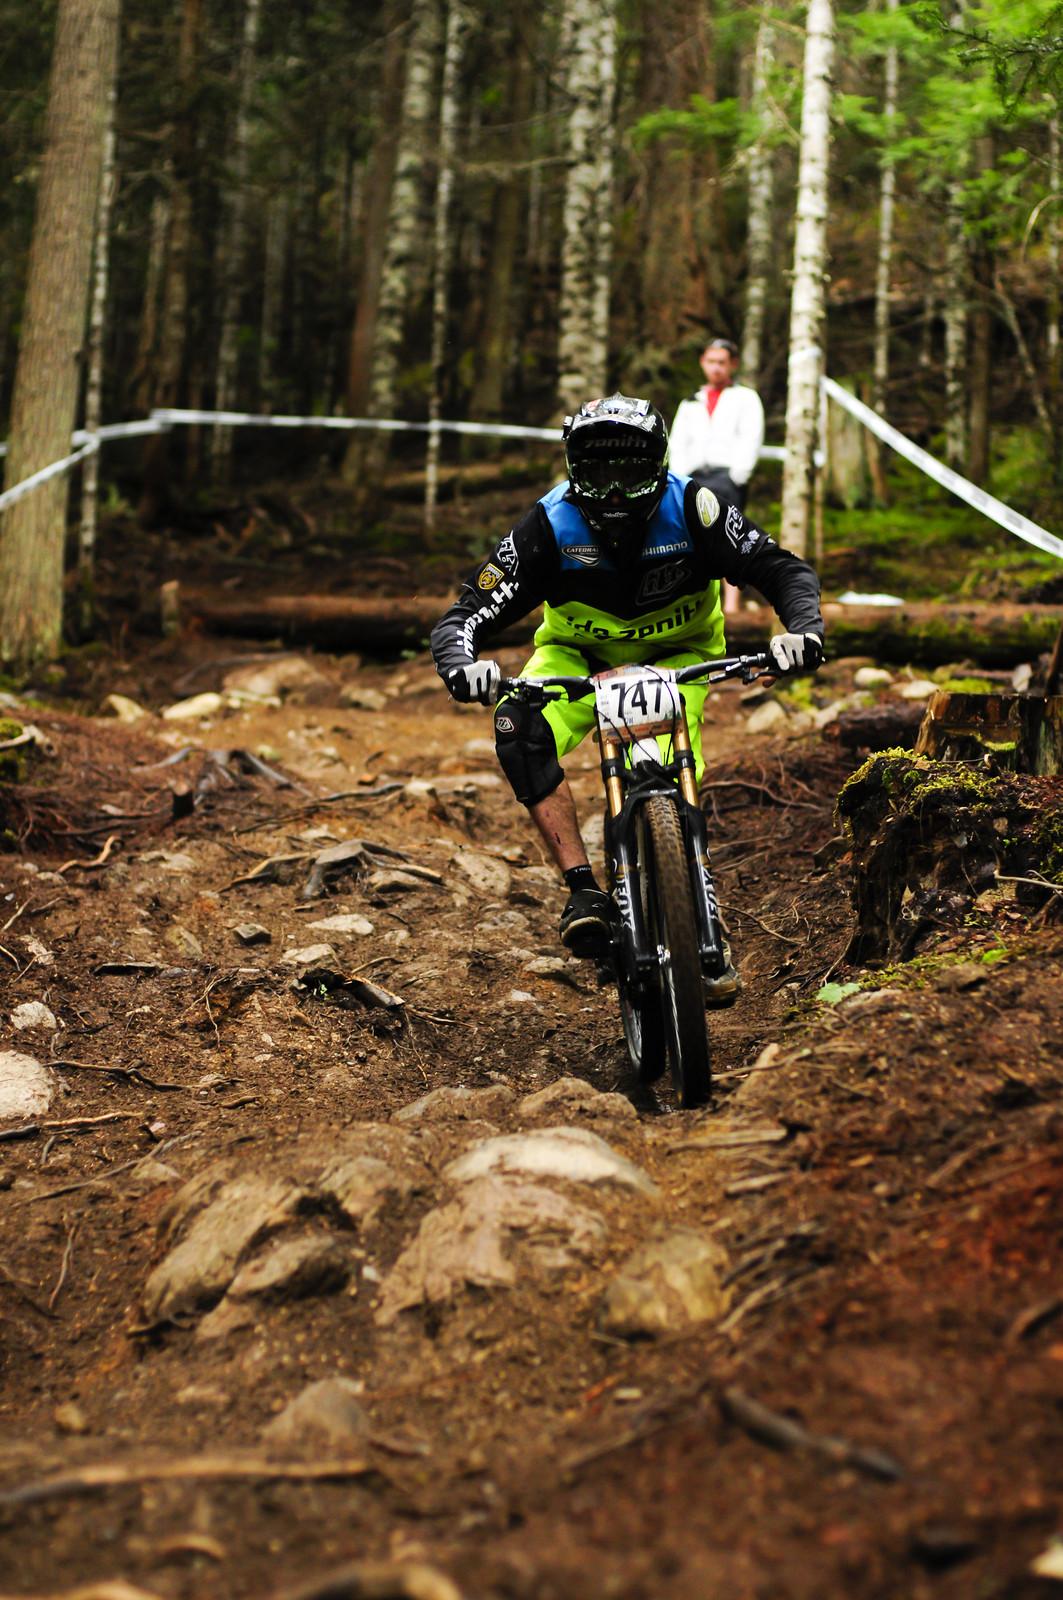 Canadian Open Cepi Raffo - ezefaccio - Mountain Biking Pictures - Vital MTB